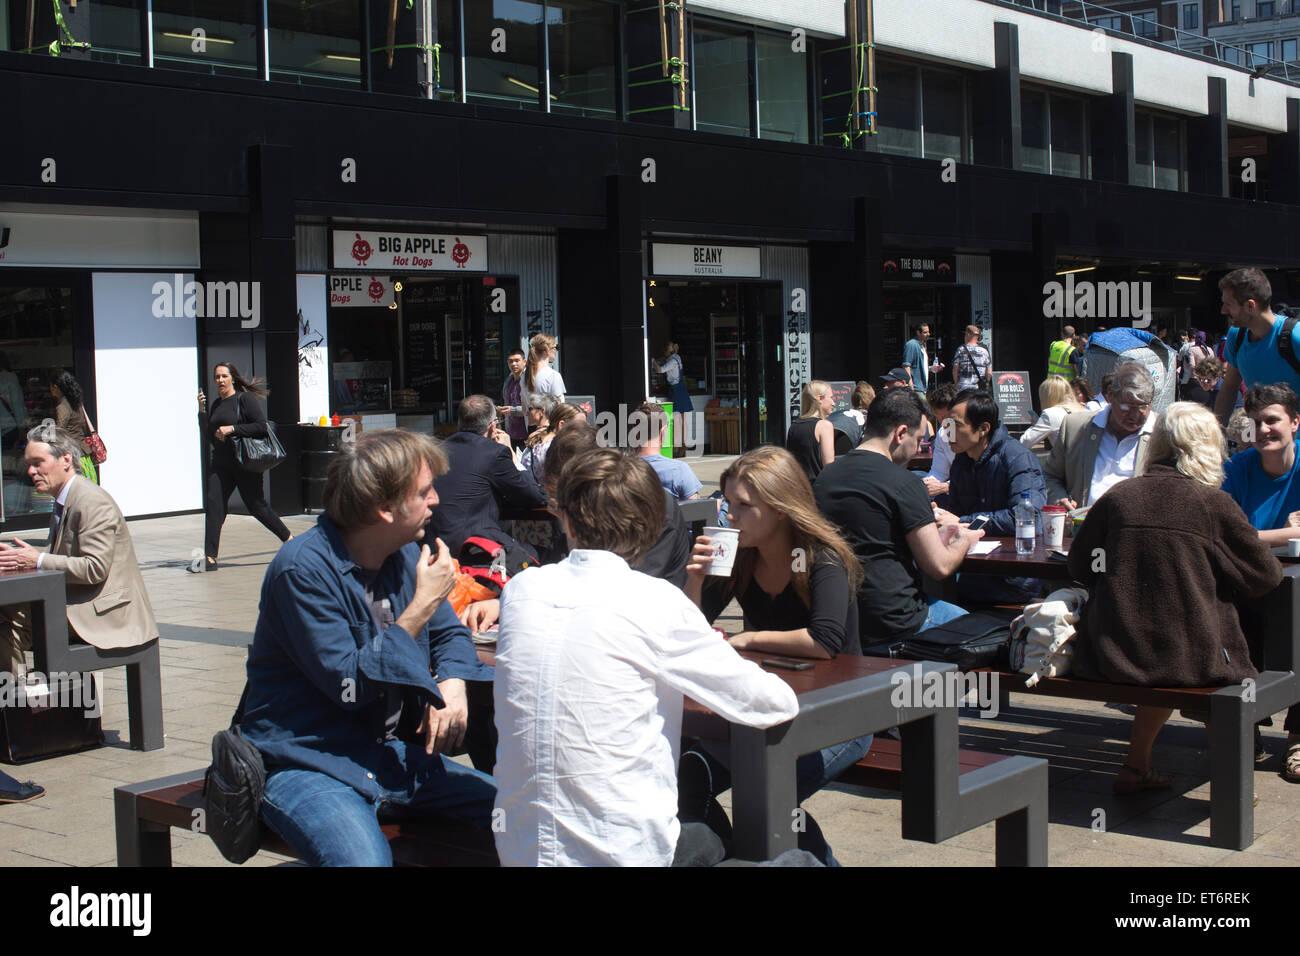 Euston Station Piazza, Central London, England, UK - Stock Image